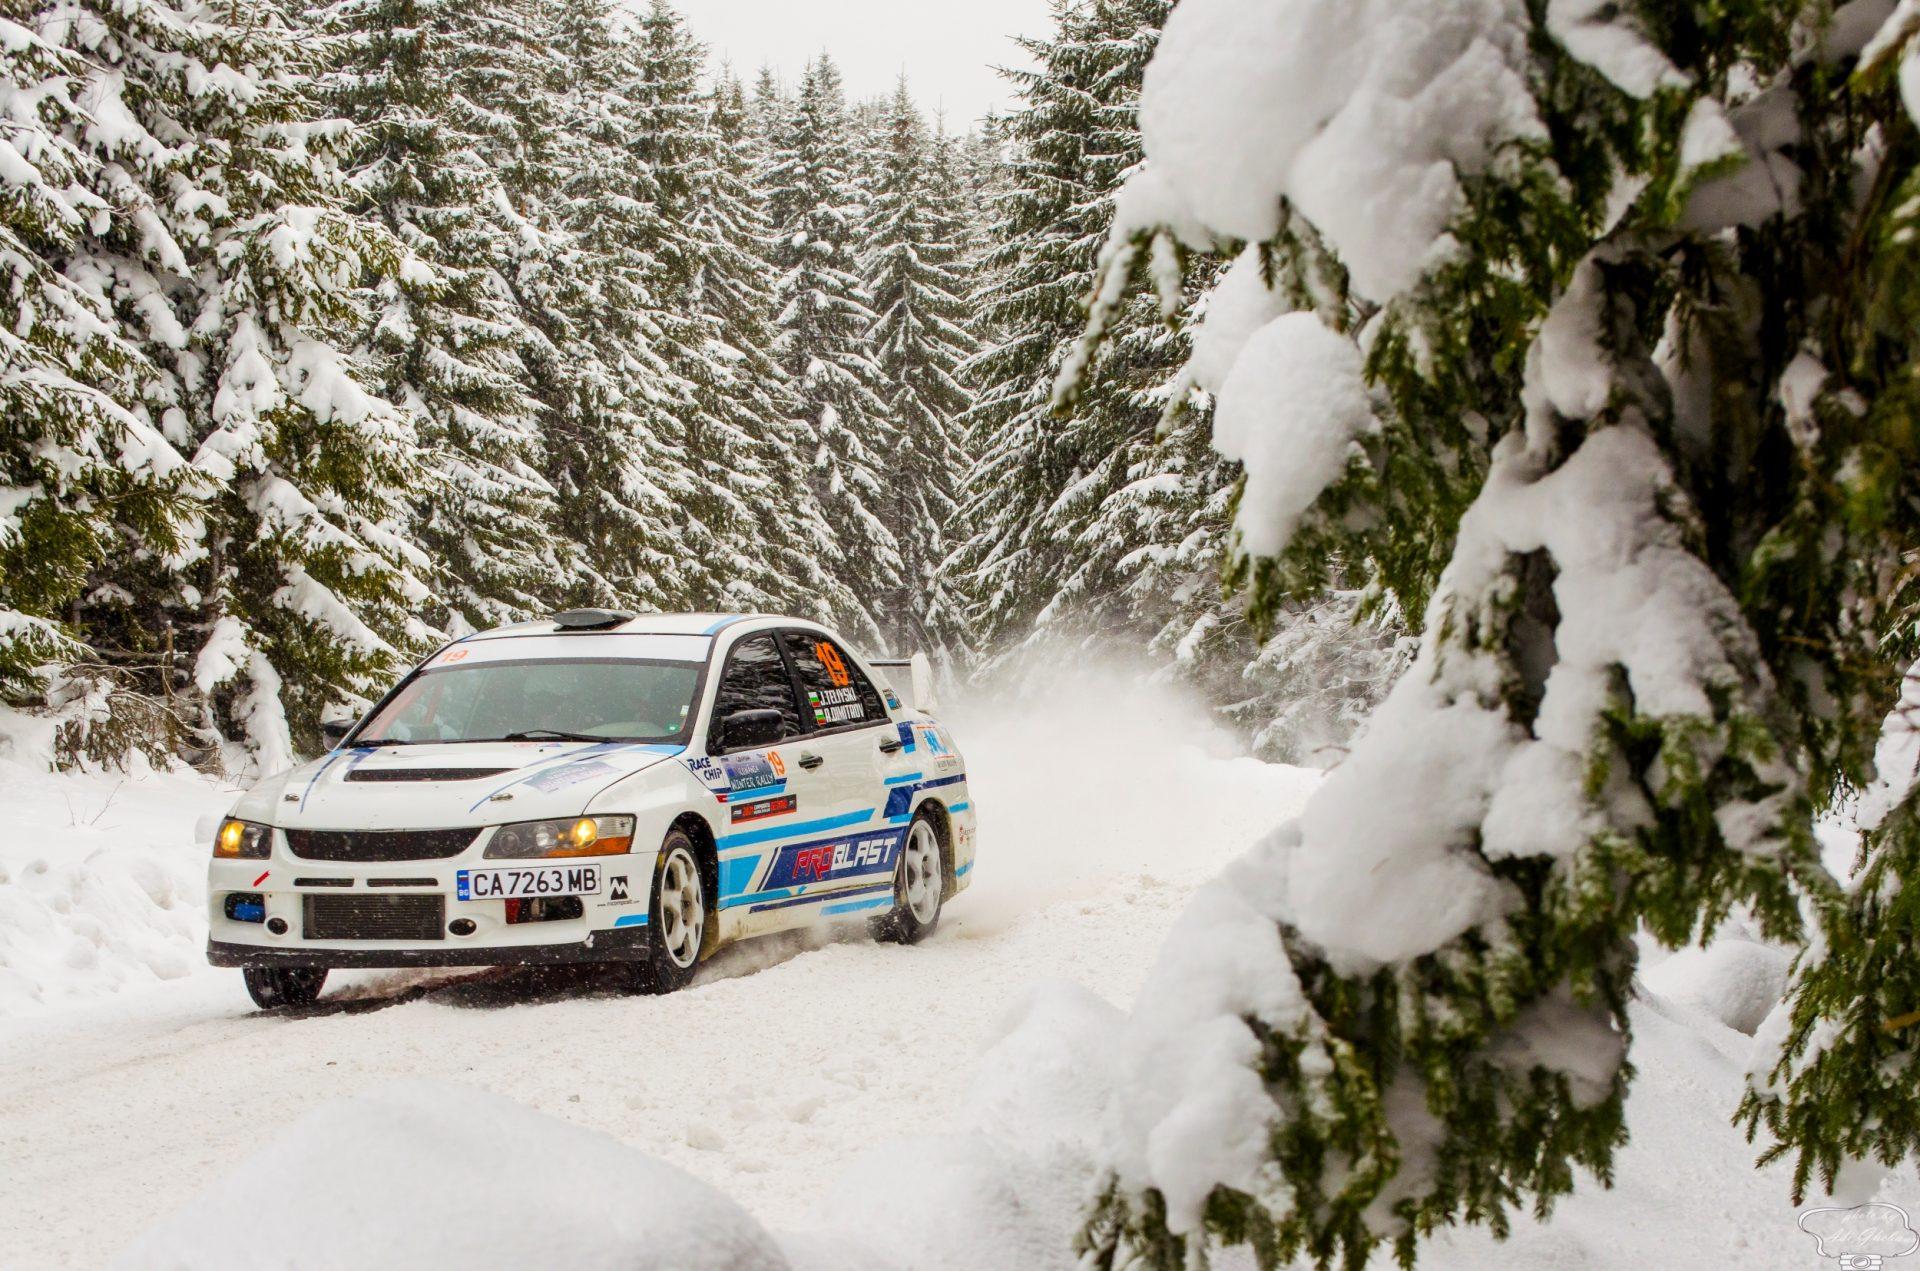 România Winter Rally 2021 – Galerie foto Adi Ghebaur